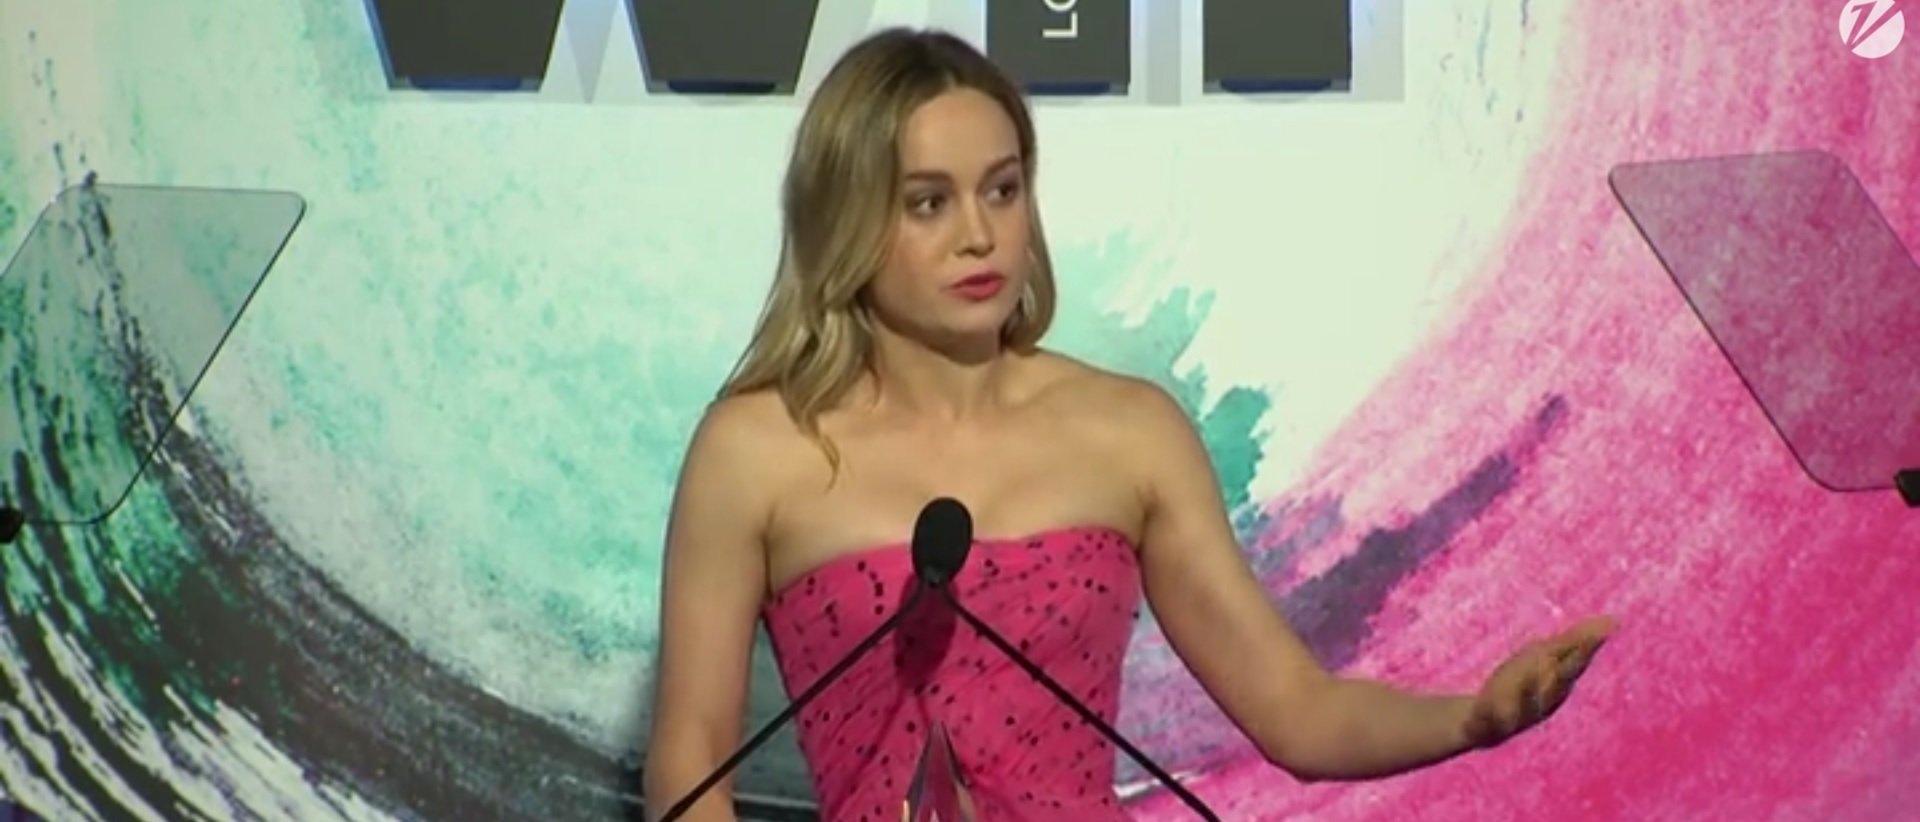 Większe zróżnicowanie rasowe i płciowe wśród krytyków? O burzy wokół słów Brie Larson